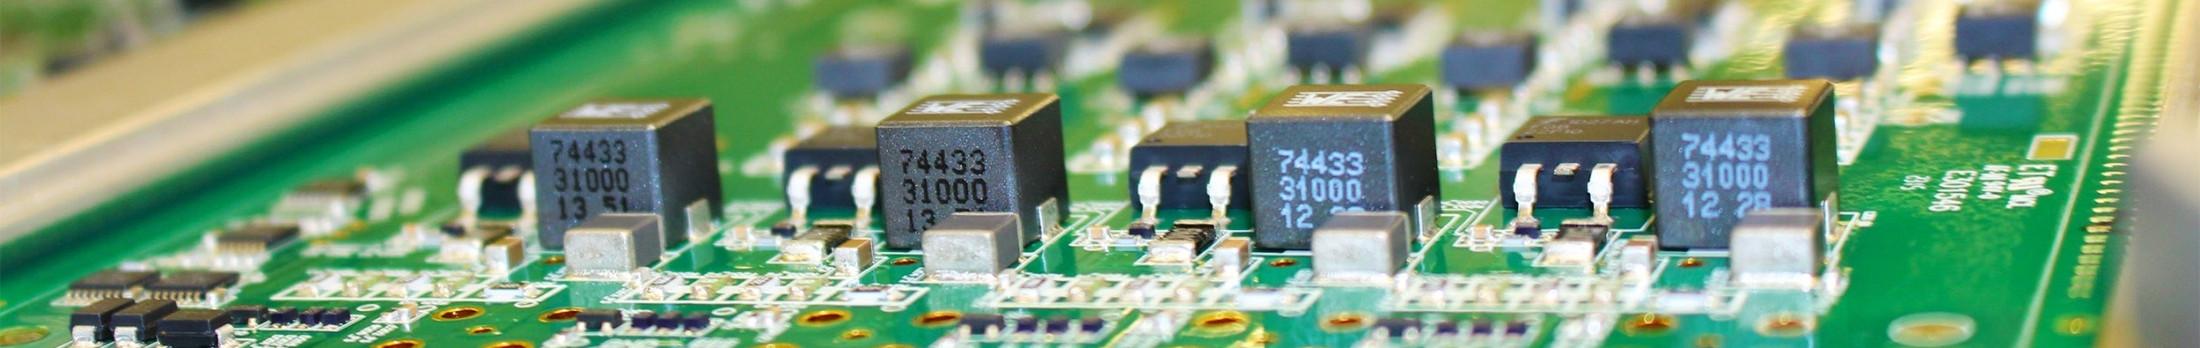 Circuitboard-13